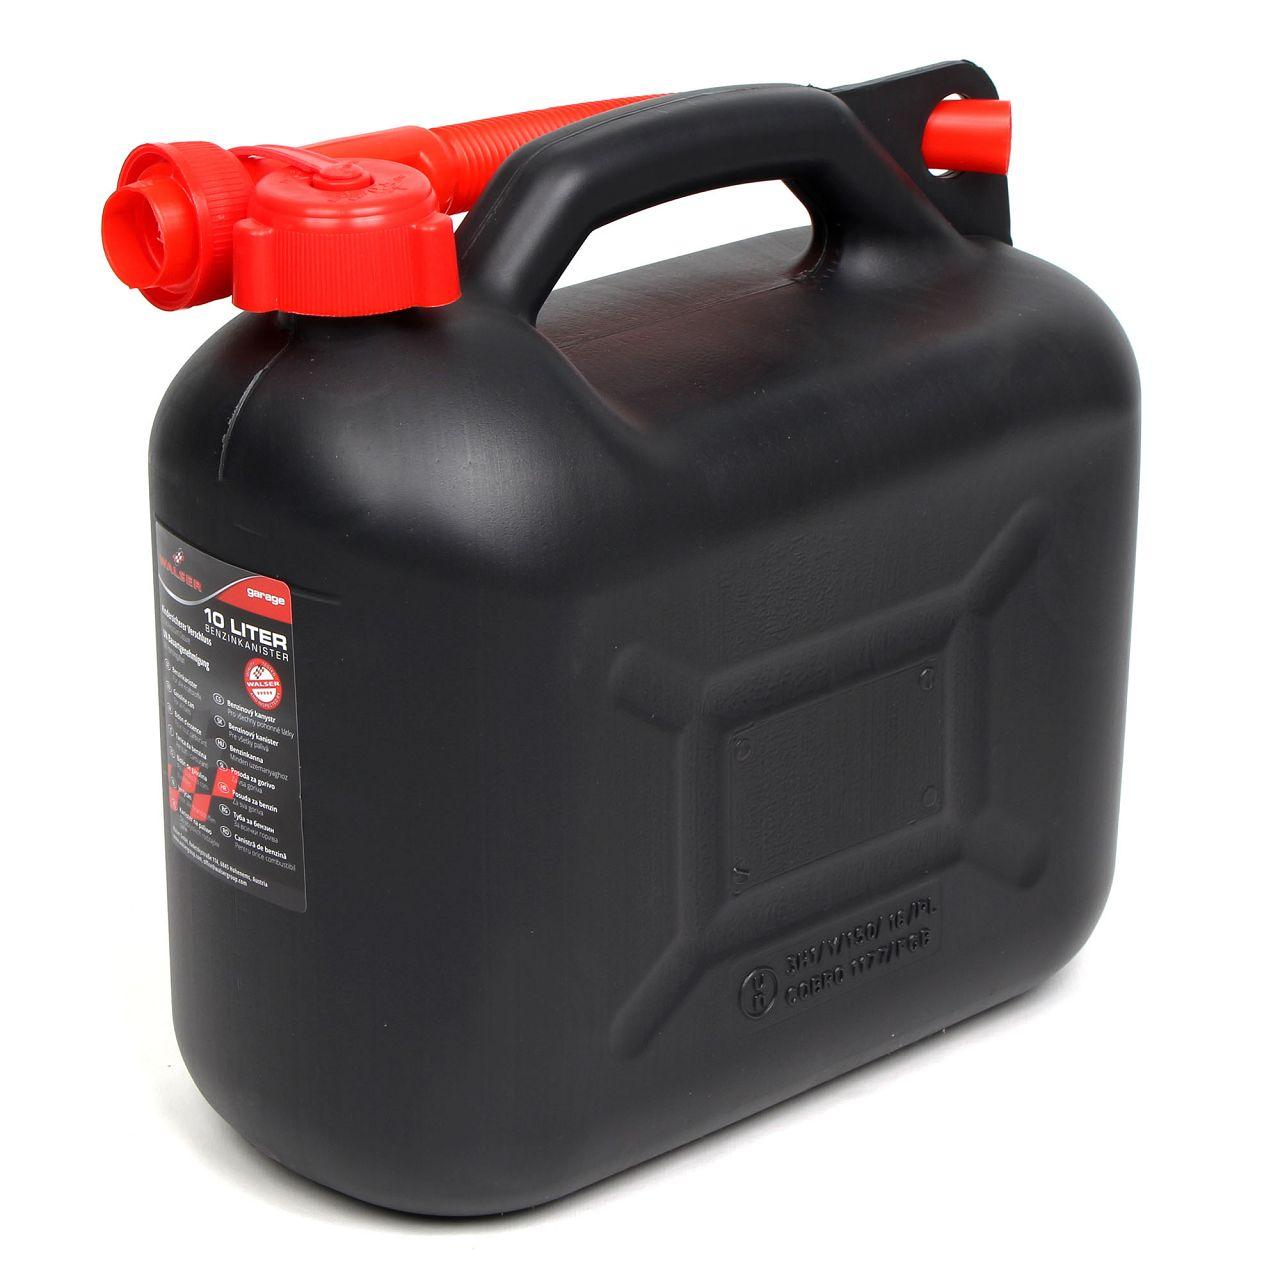 WALSER 16373 Kanister Benzinkanister Reservekanister Kraftstoffkanister 10Liter